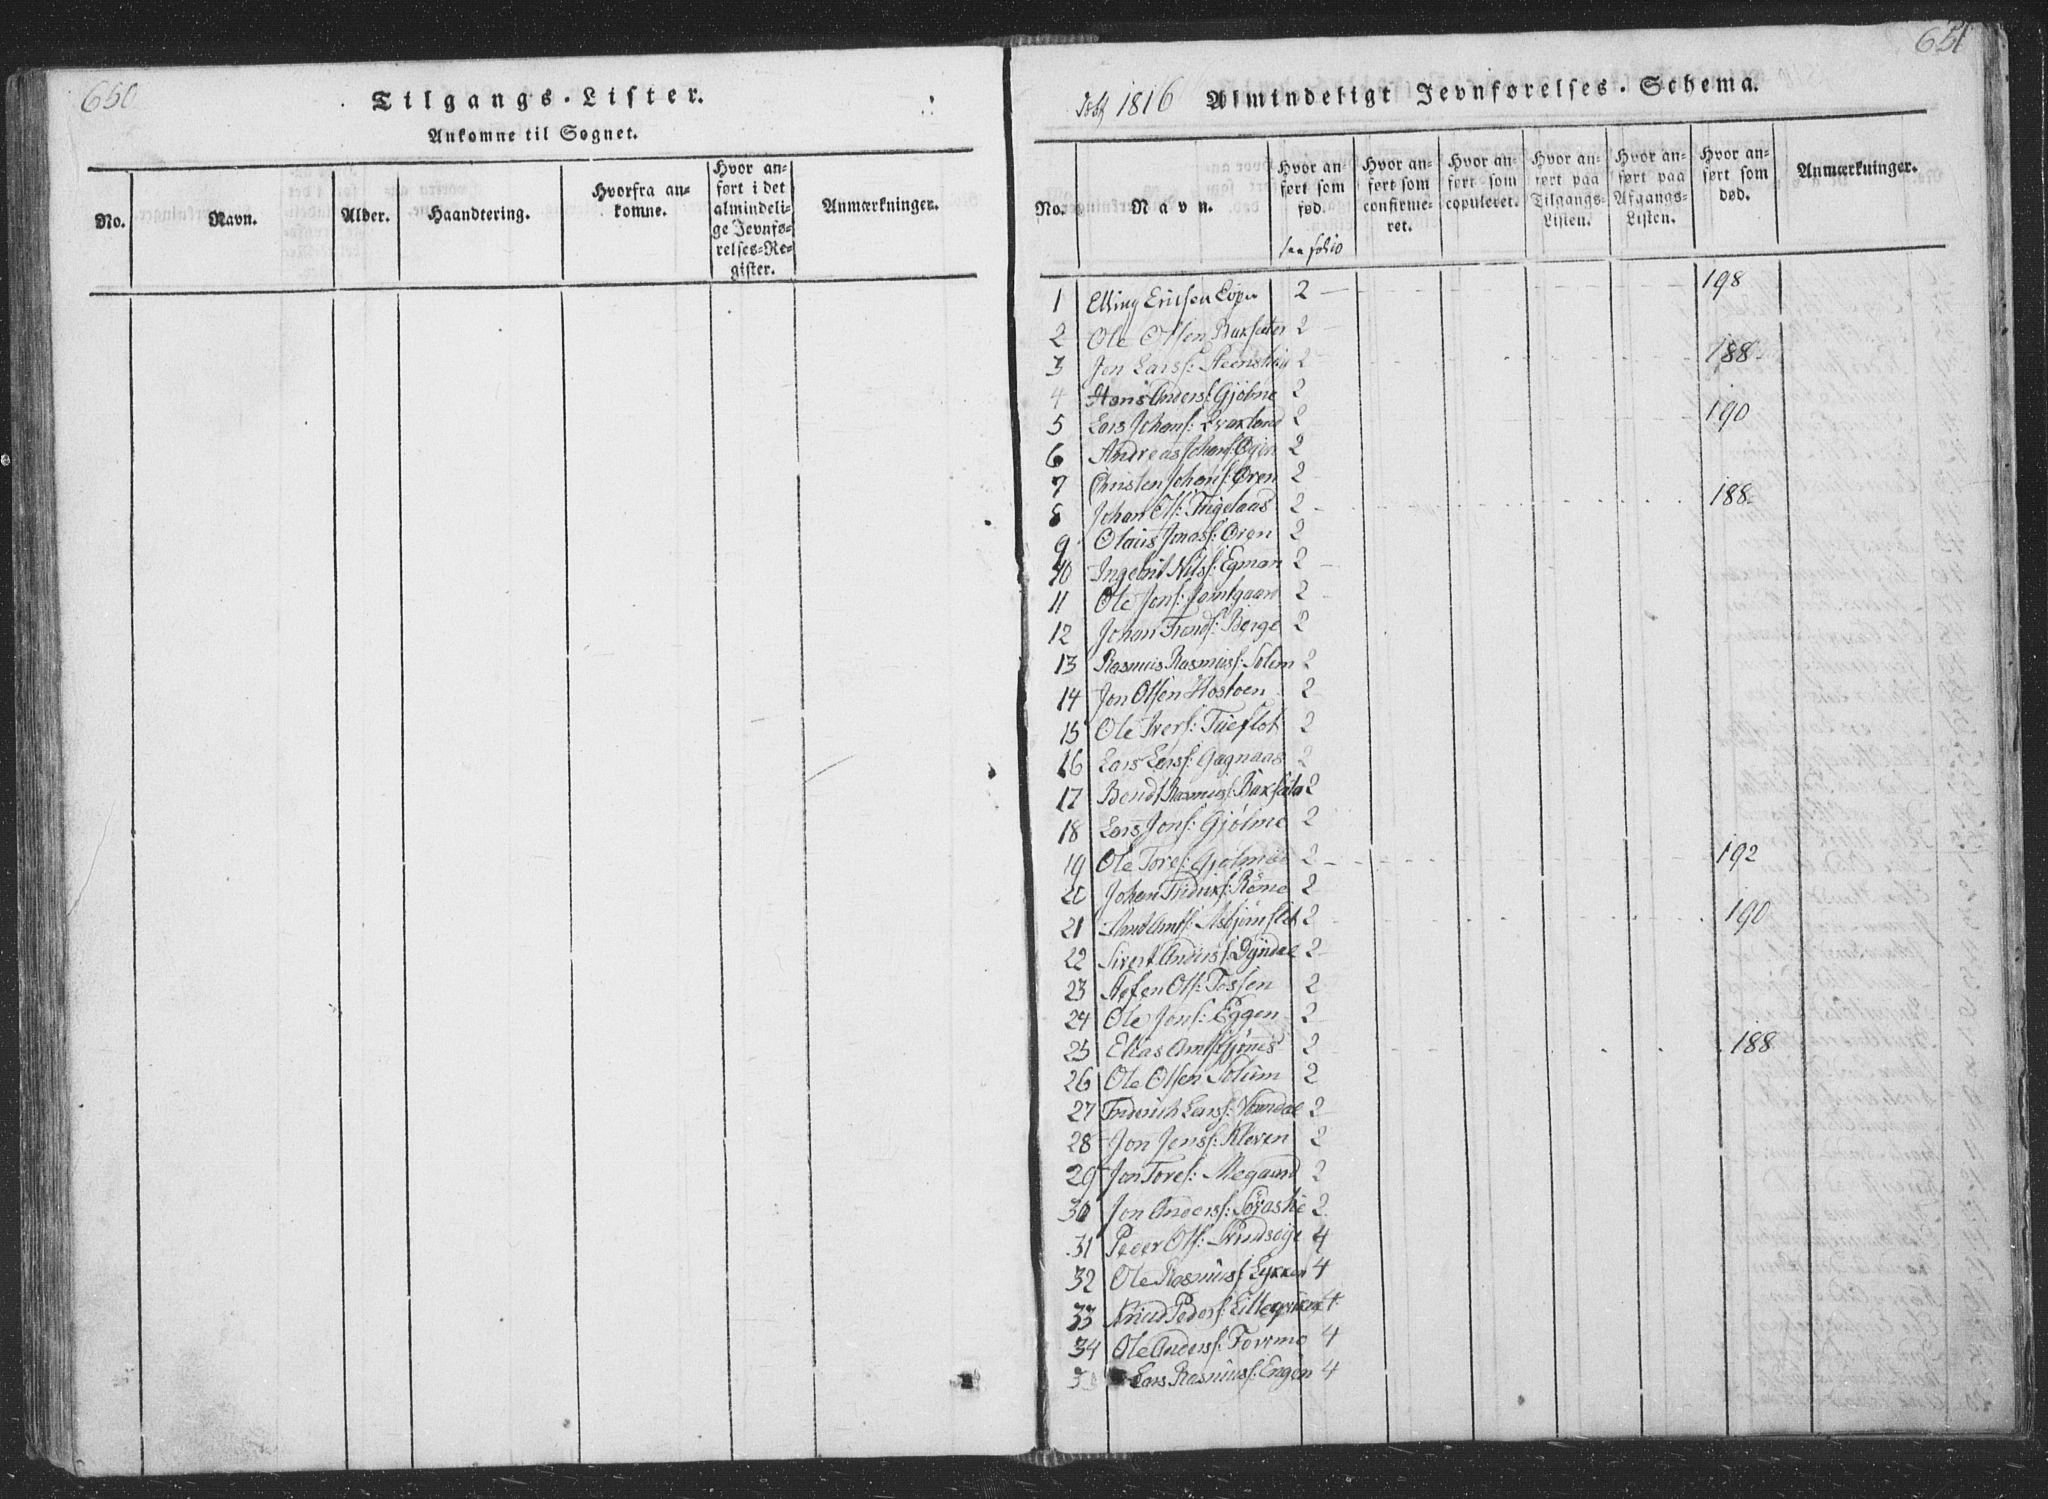 SAT, Ministerialprotokoller, klokkerbøker og fødselsregistre - Sør-Trøndelag, 668/L0816: Klokkerbok nr. 668C05, 1816-1893, s. 650-651